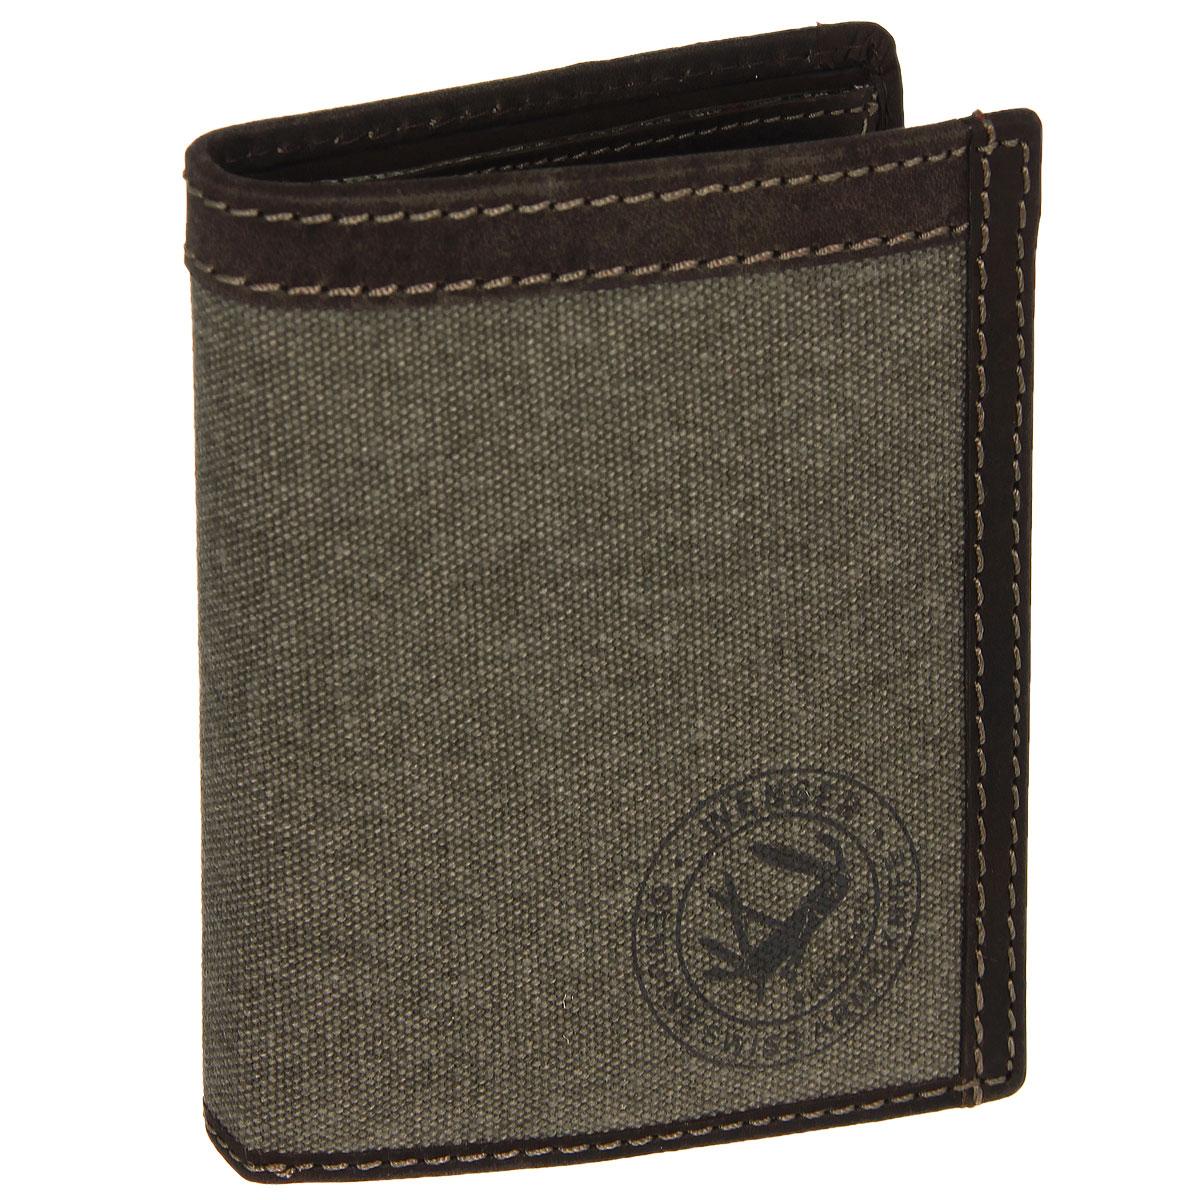 Портмоне мужское Wenger, цвет: коричневый. W19-041-022_516Трендовое мужское портмоне Wenger изготовлено из натуральной кожи и текстиля и оформлено светлой прострочкой, а также логотипом бренда на лицевой стороне. Внутри - два отделения для купюр, отсек для мелочи на застежке-кнопке, три боковых кармана и пять прорезей для визиток и кредитных карт. Откидной блок дополнен шестью прорезями и карманом с окошком из прозрачного пластика. Внутренняя поверхность отделана твилом с узором гусиная лапка.Портмоне упаковано в фирменную коробку.Модное портмоне Wenger займет достойное место среди вашей коллекции аксессуаров.По всем вопросам гарантийного и постгарантийного обслуживания рюкзаков, чемоданов, спортивных и кожаных сумок, а также портмоне марок Wenger и SwissGear вы можете обратиться в сервис-центр, расположенный по адресу: г. Москва, Саввинская набережная, д.3. Тел: (495) 788-39-96, (499) 248-56-56, ежедневно с 9:00 до 21:00. Подробные условия гарантийного обслуживания приведены в гарантийном талоне, поставляемым в комплекте с каждым изделием. Бесплатный ремонт изделий производится при условии предоставления гарантийного талона и товарного/кассового чека, подтверждающего дату покупки.